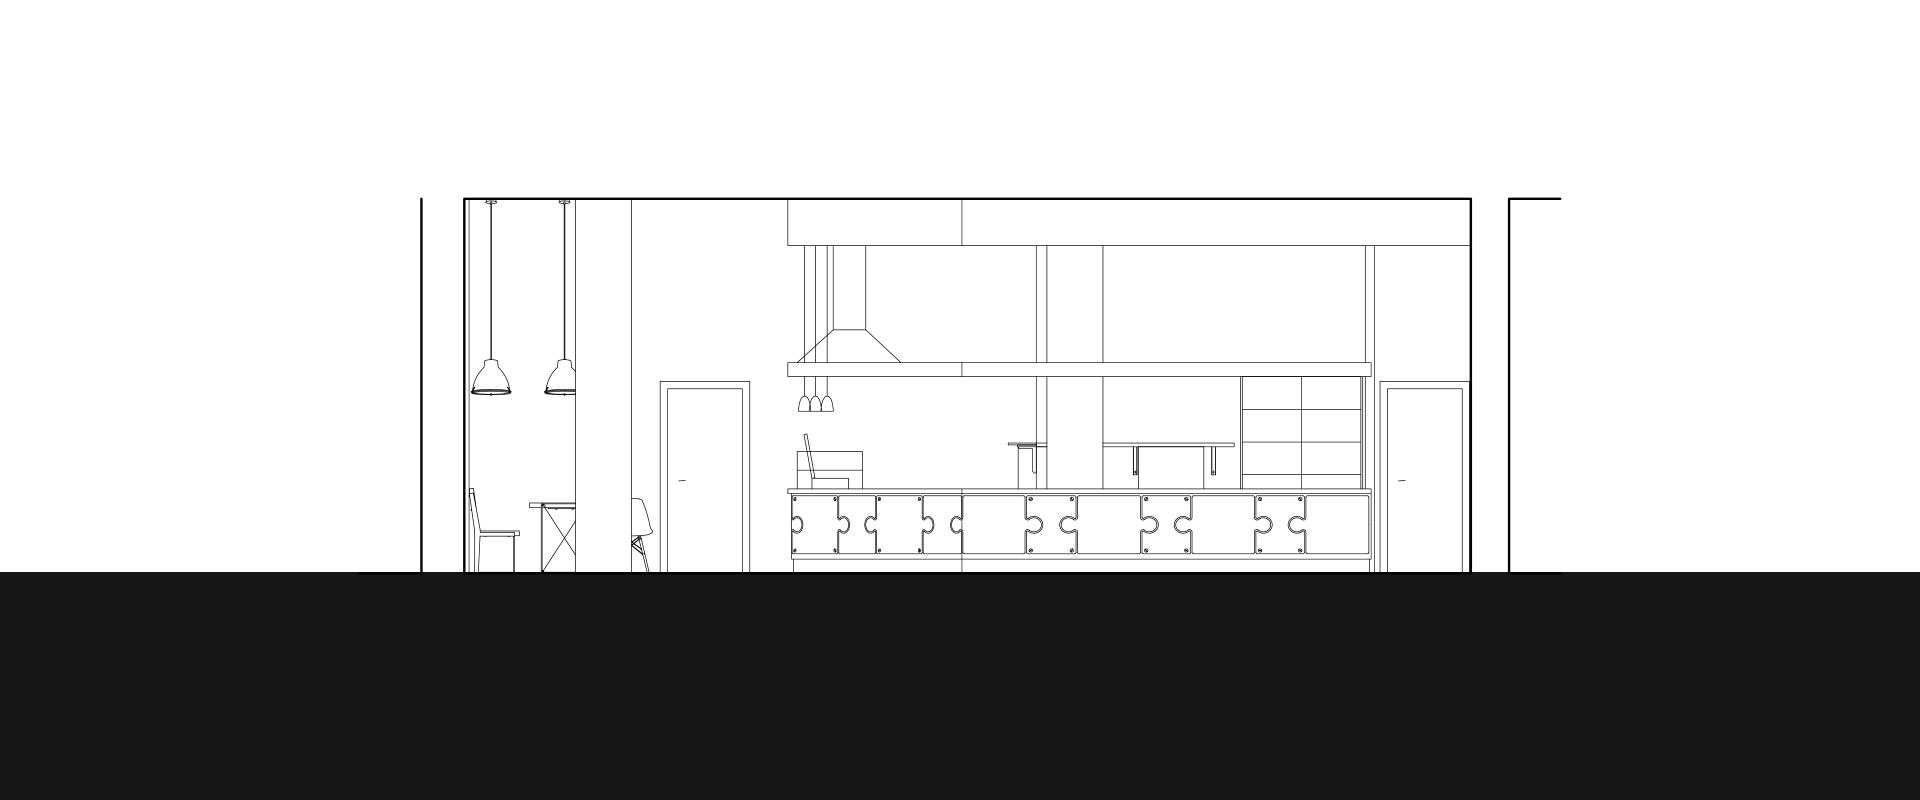 PuzzleAlpha-3-1